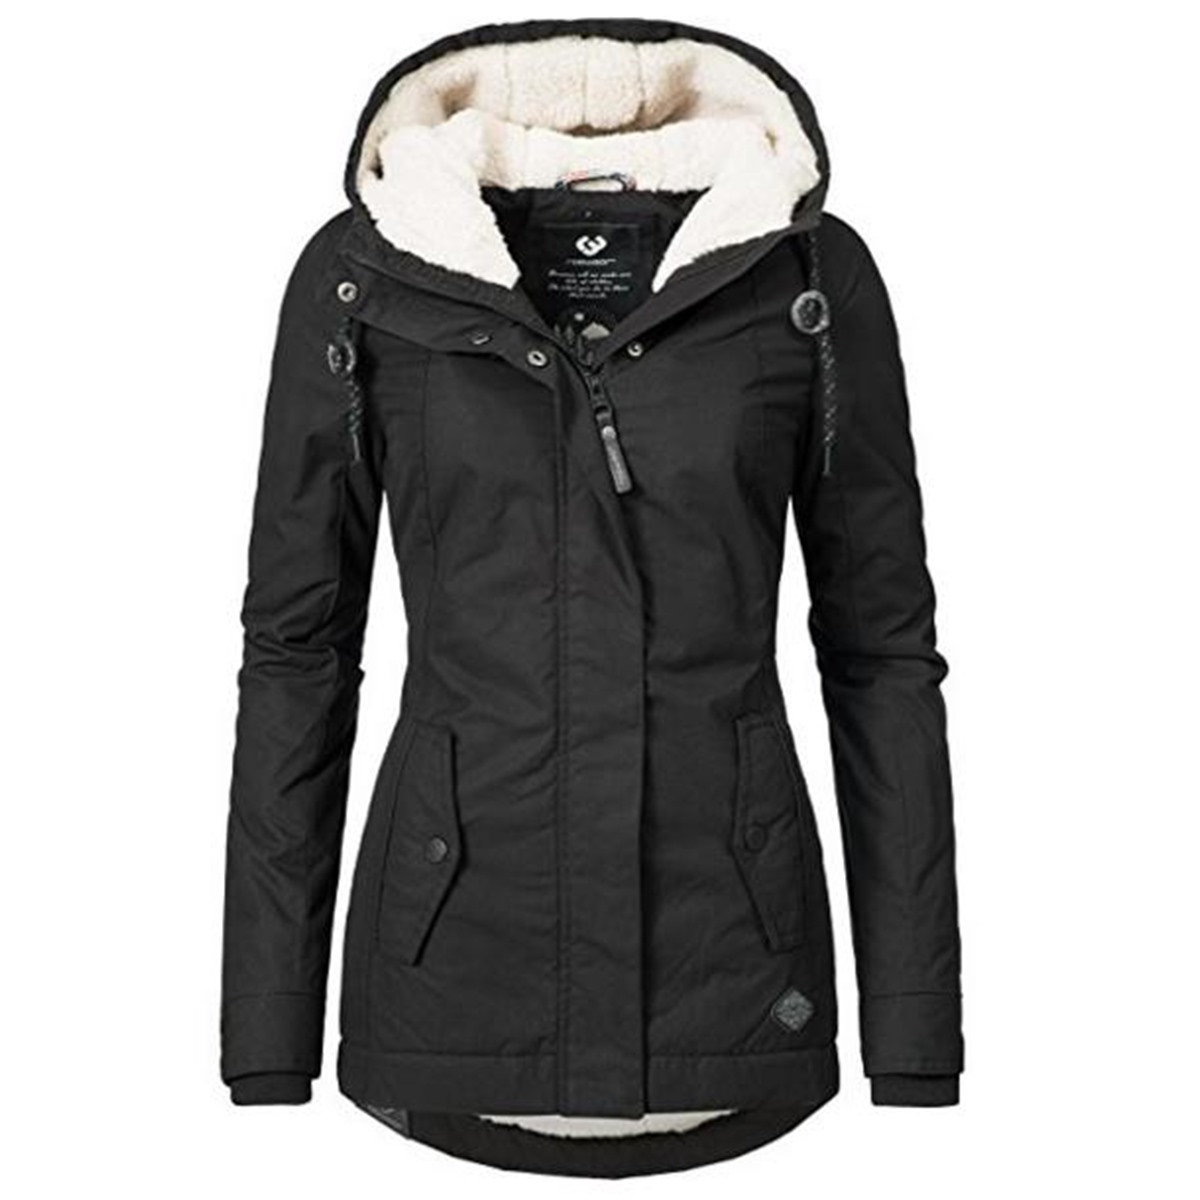 Women Winter Jacket Coat Cotton Windproo